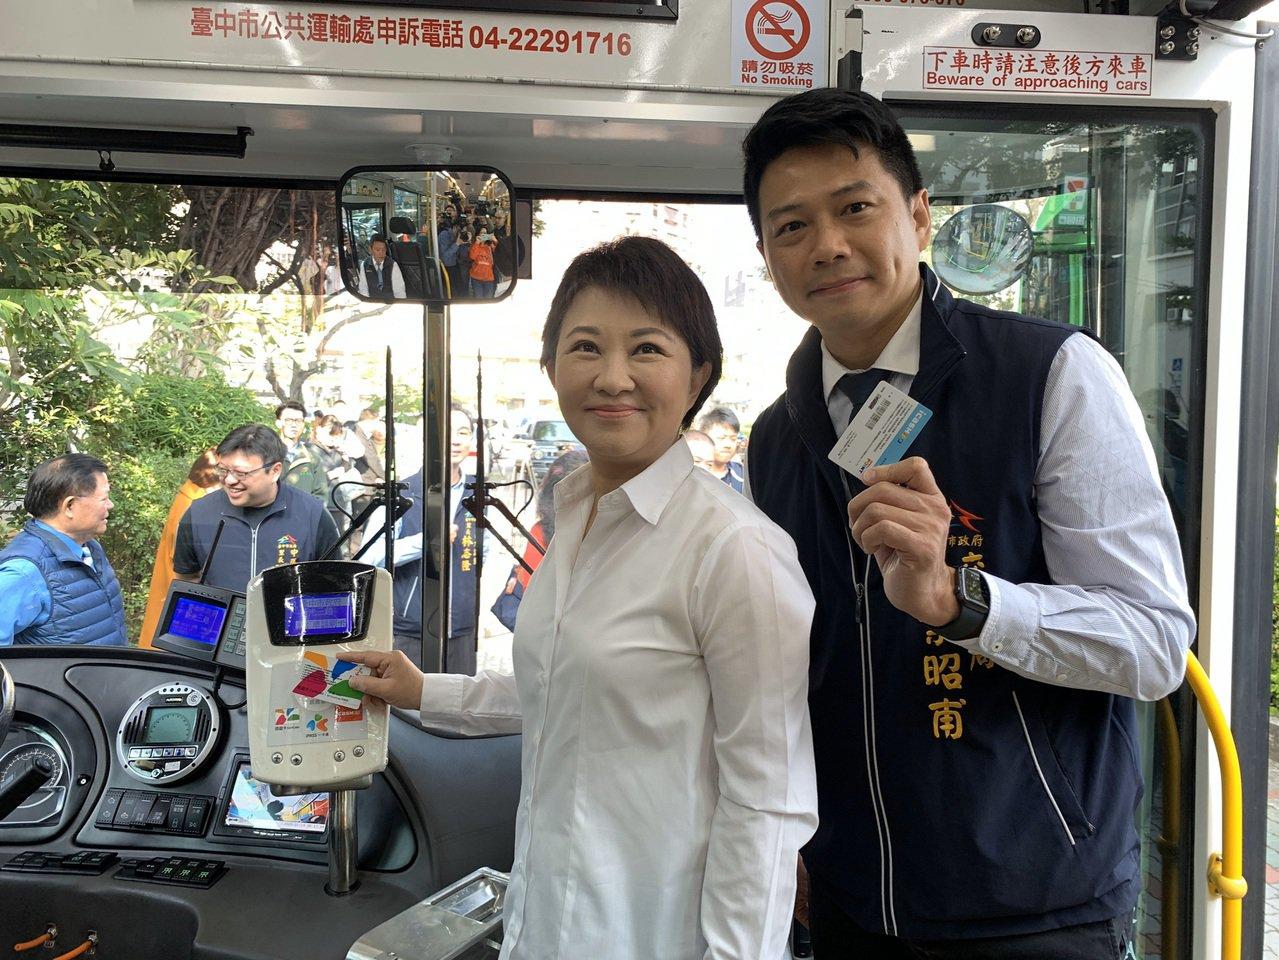 台中市公車免費政策上路至今廣受好評,從8公里延伸到10公里,市長盧秀燕(左)兌現...